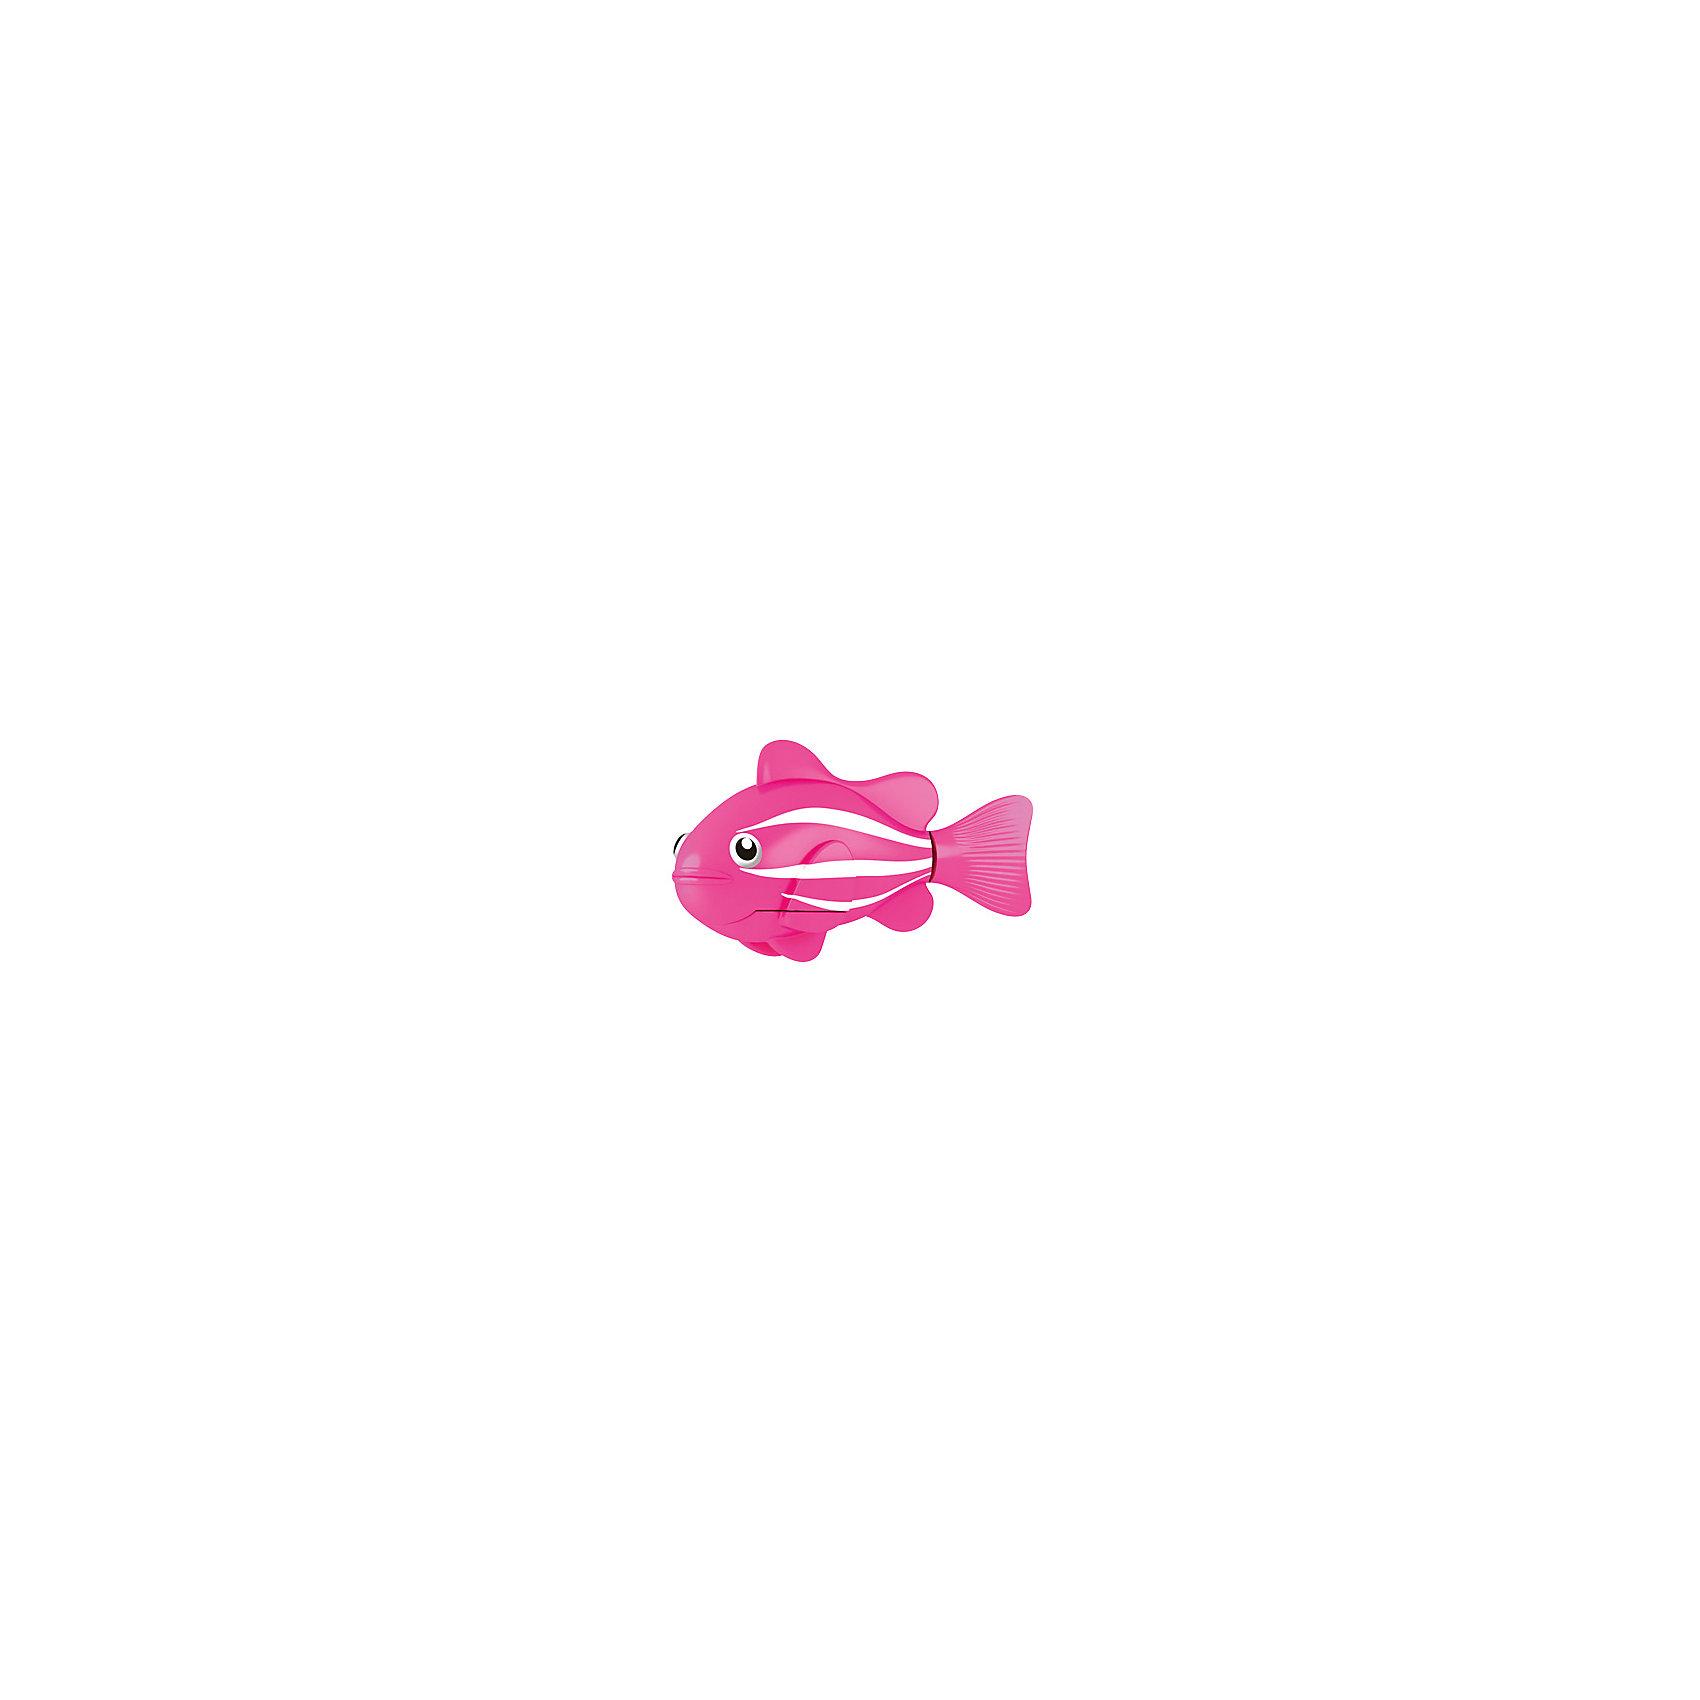 РобоРыбка Клоун розовая, RoboFishРоборыбки и русалки<br>Розовая Рыбка клоун при погружении в аквариум или другою емкостью с водой РобоРыбка начинает плавать – опускаясь ко дну и поднимаясь к поверхности воды. Игрушка работает от двух алкалиновых батареек А76 или RL44, которые входят в комплект (две установлены в игрушку и 2 запасные)<br><br>Ширина мм: 435<br>Глубина мм: 405<br>Высота мм: 240<br>Вес г: 216<br>Возраст от месяцев: 60<br>Возраст до месяцев: 144<br>Пол: Унисекс<br>Возраст: Детский<br>SKU: 2999504